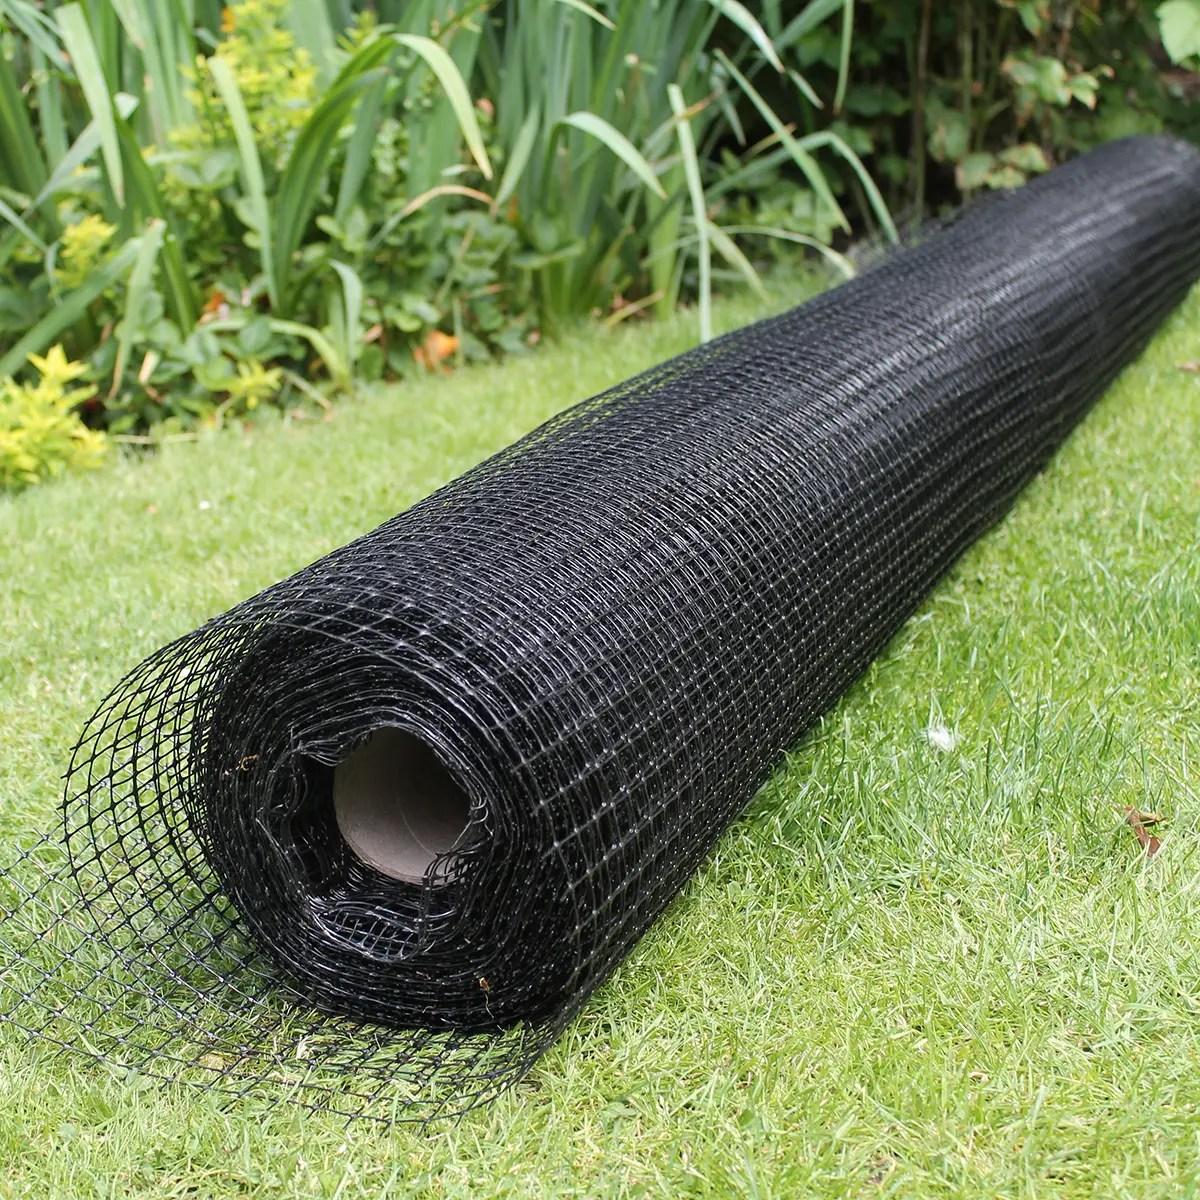 Katzennetz schwarz 1m breit